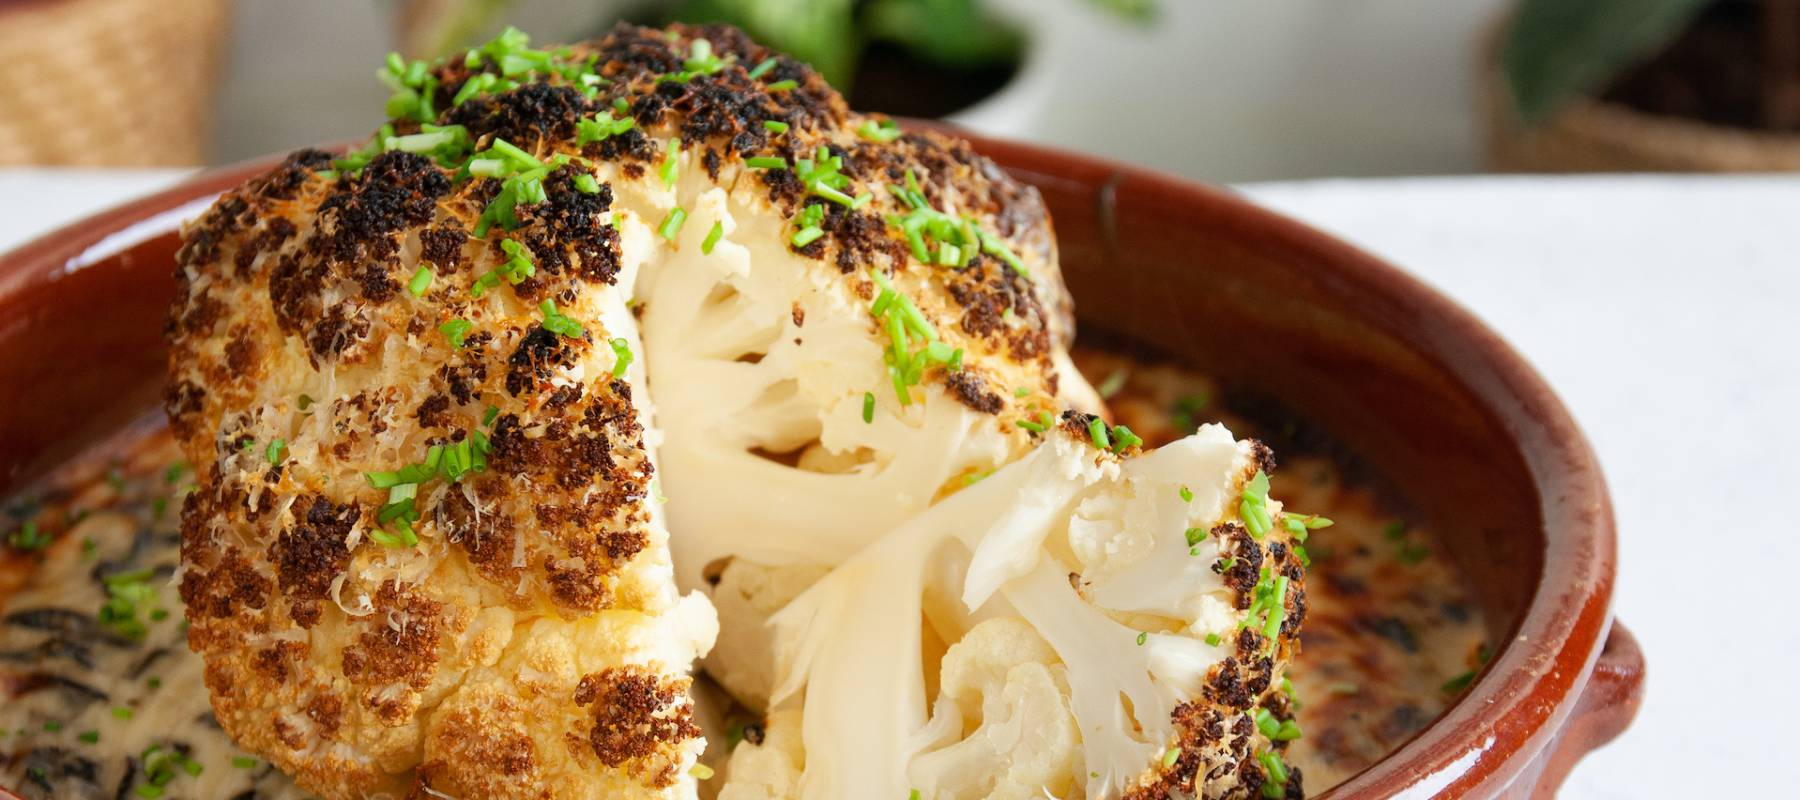 Coliflor asada con crema de queso y setas